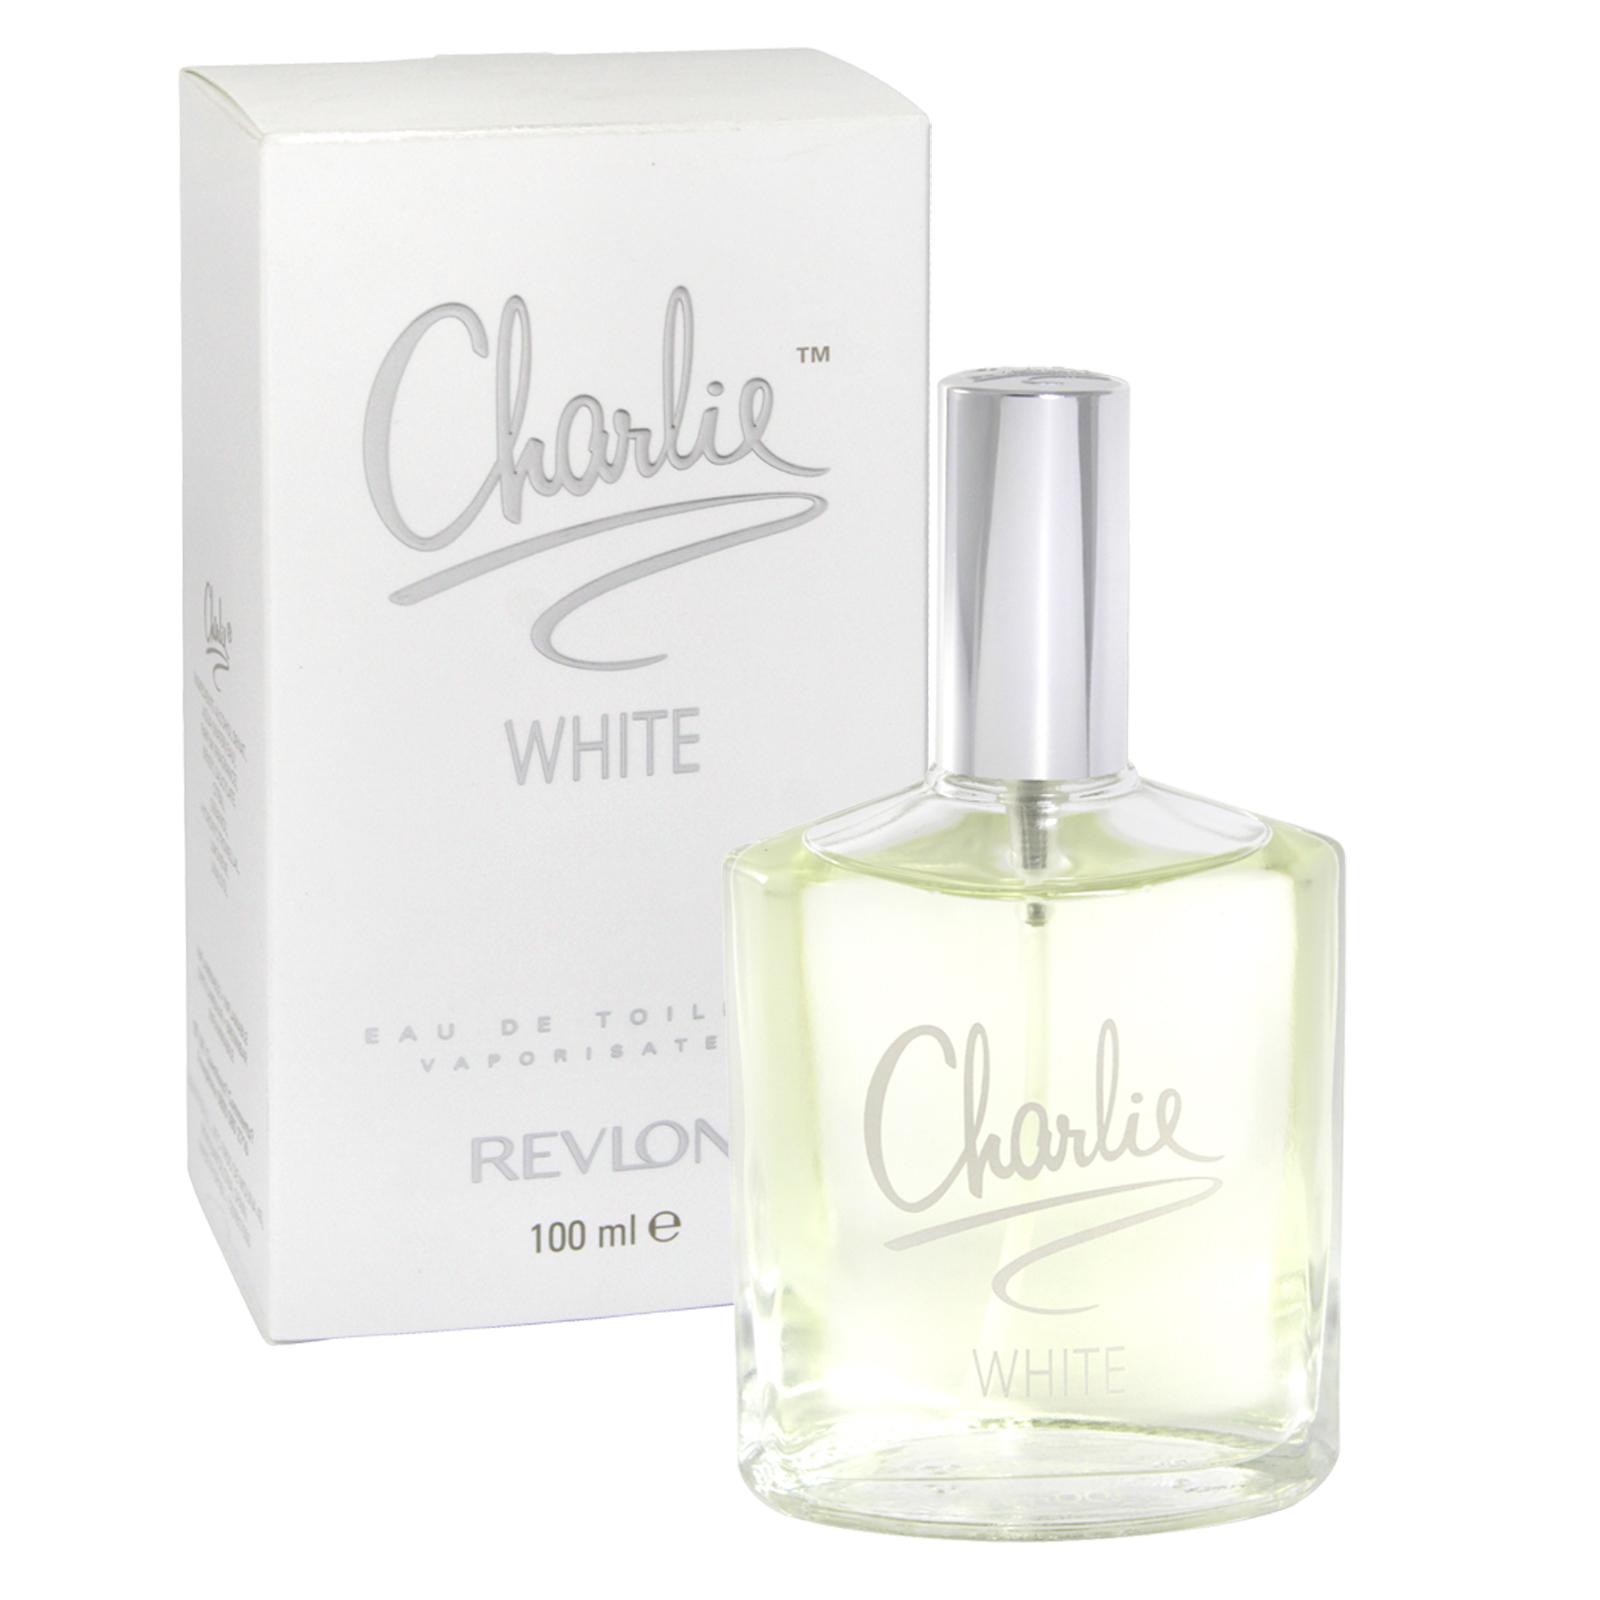 CHARLIE 100ML EDT SPRAY WHITE